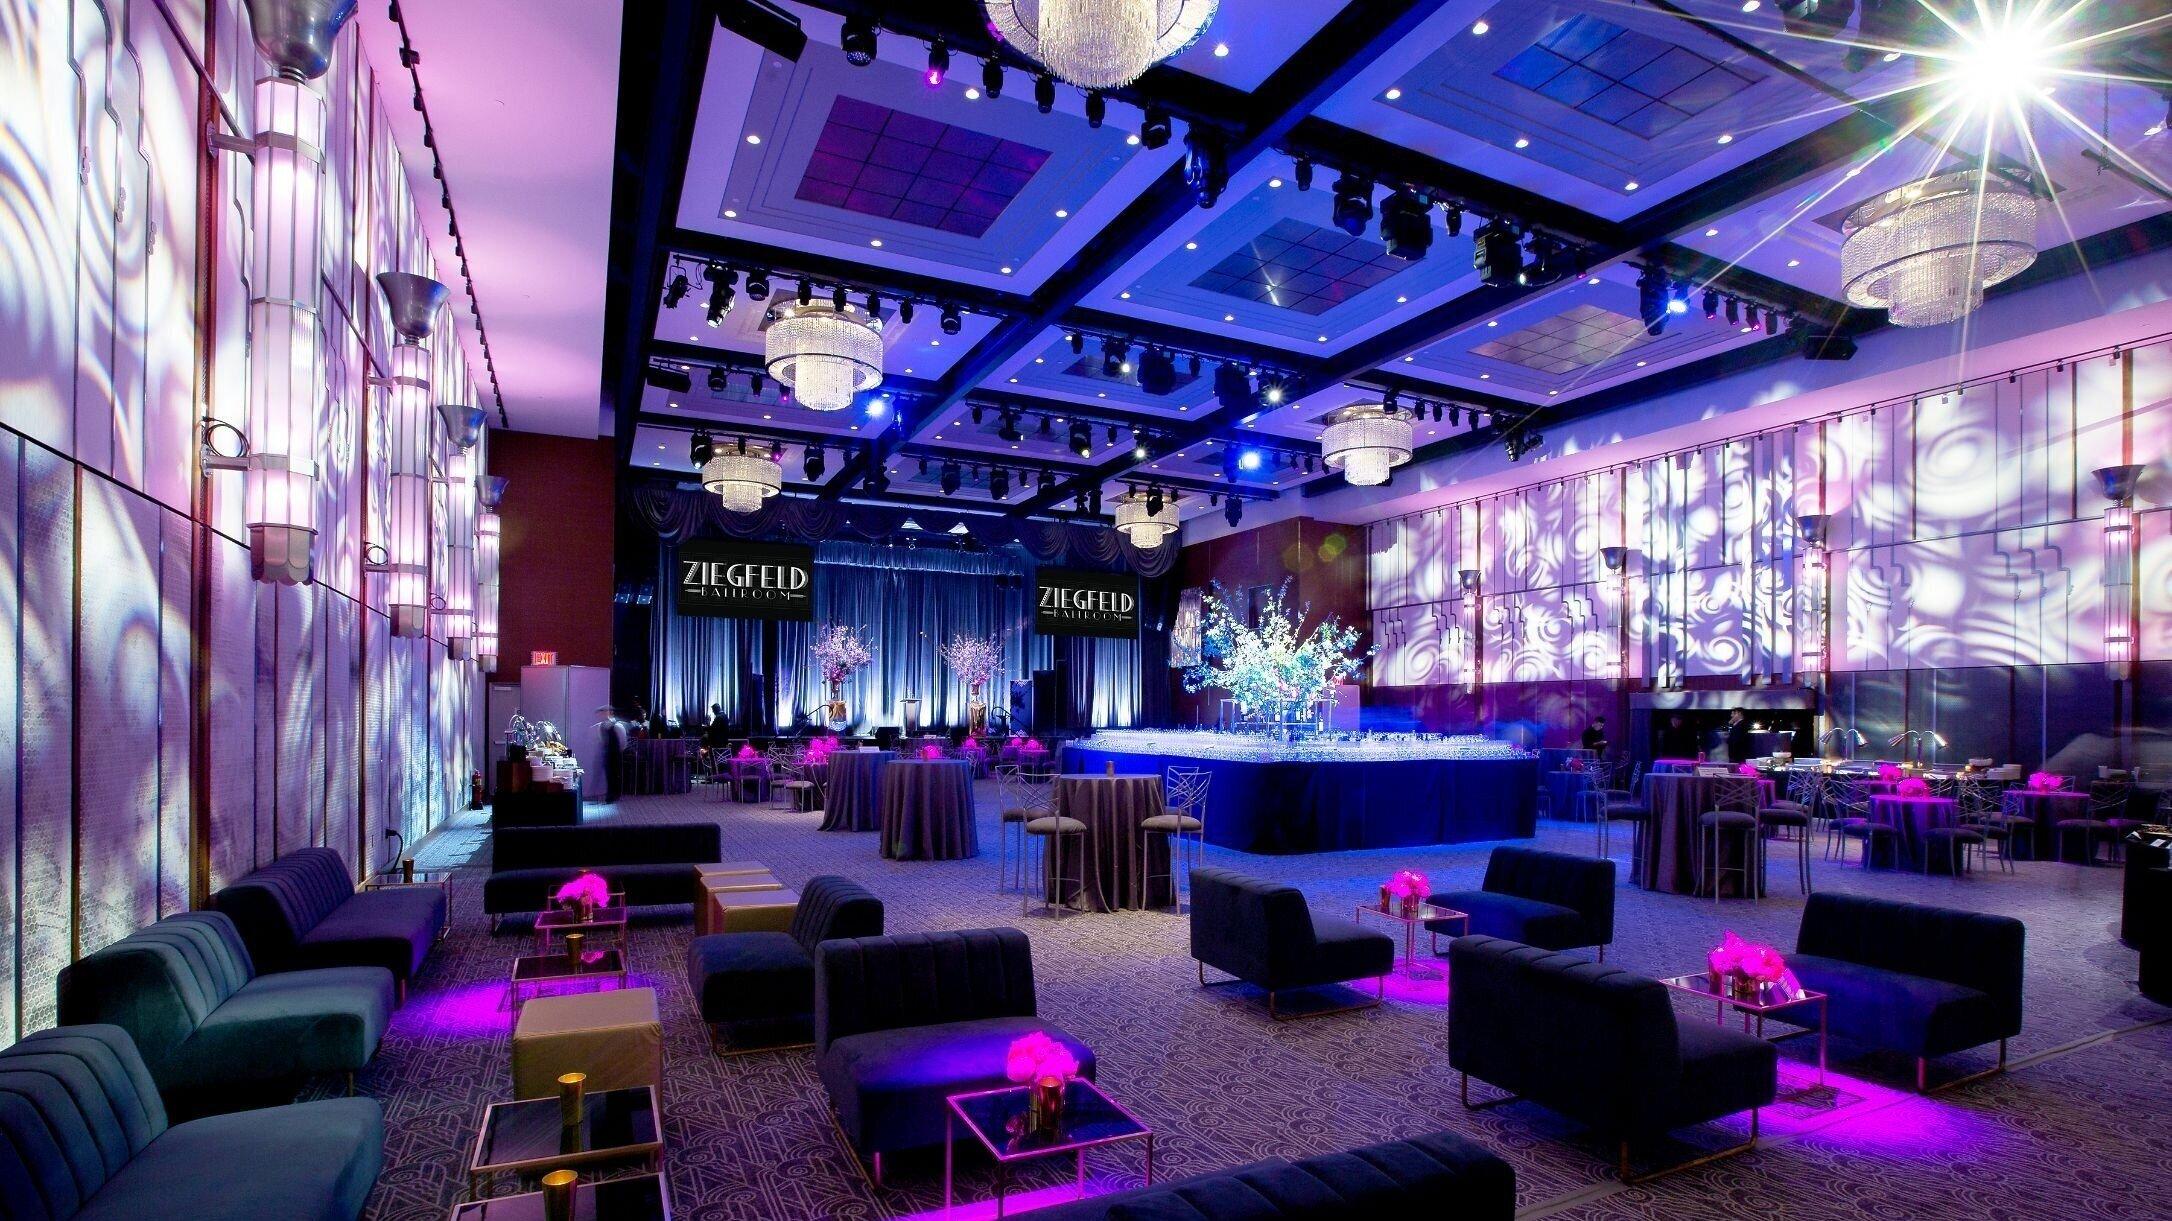 Ziegfeld Ballroom Nyc Premier Special Events Venue Space Midtown